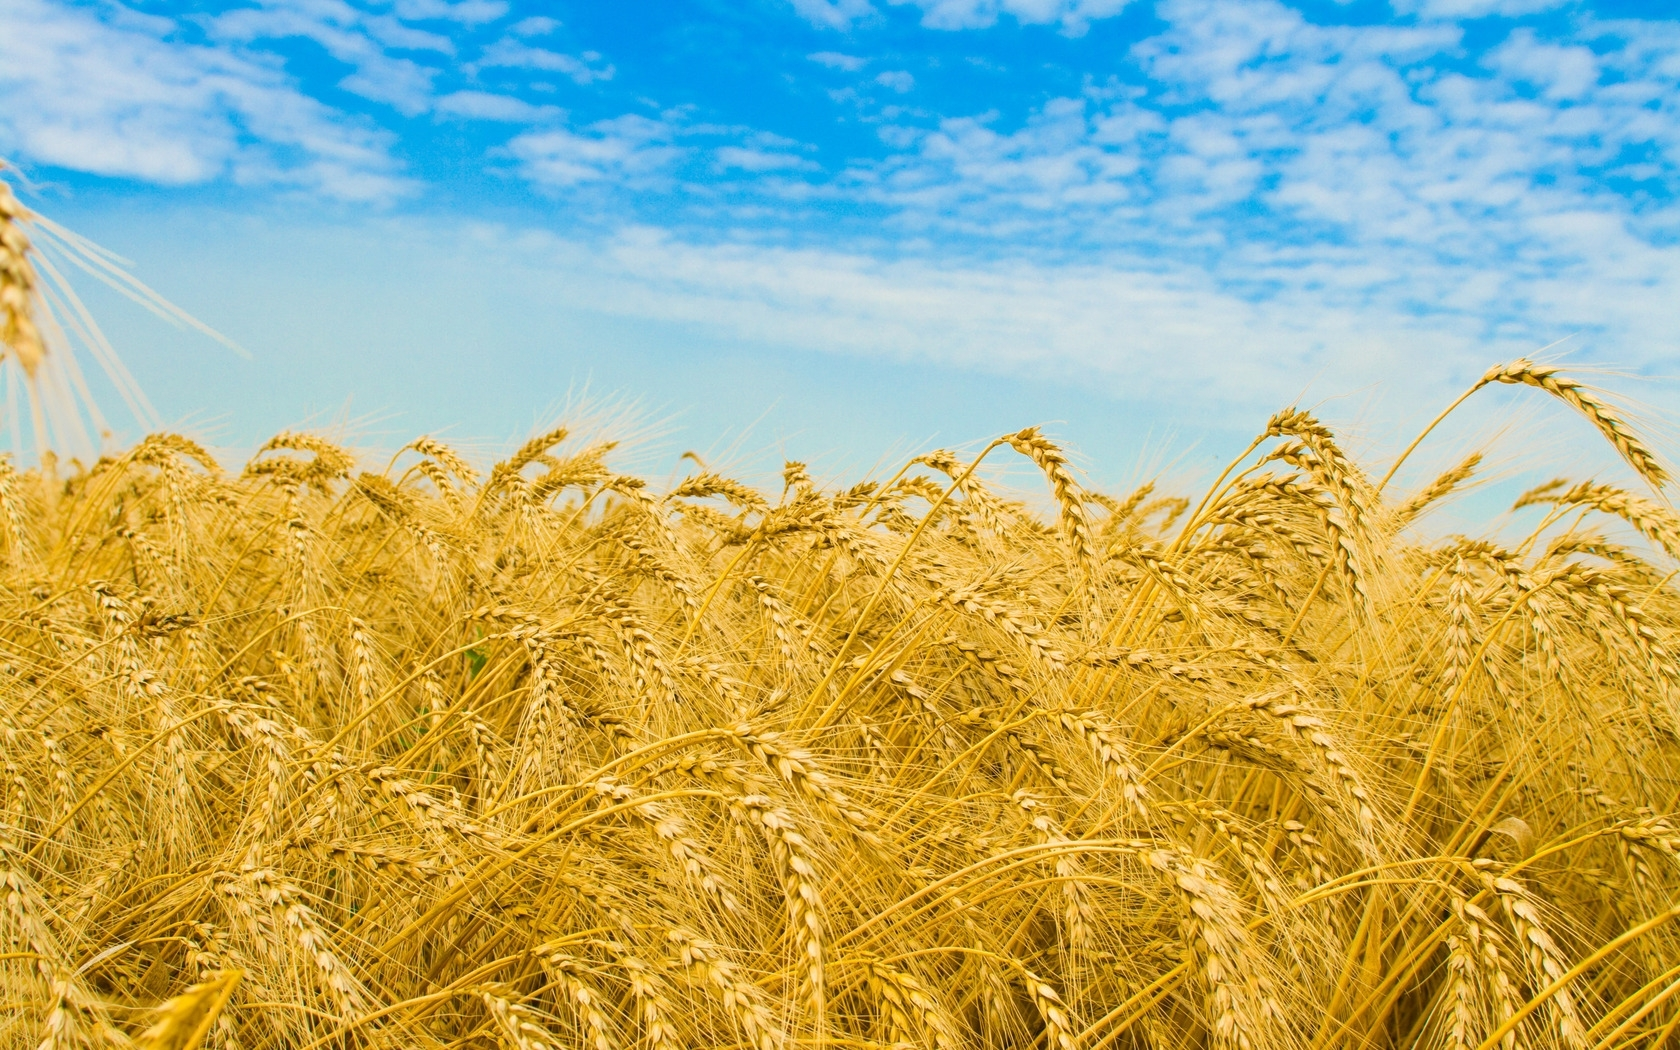 38604 обои 1080x2400 на телефон бесплатно, скачать картинки Пшеница, Пейзаж, Поля 1080x2400 на мобильный